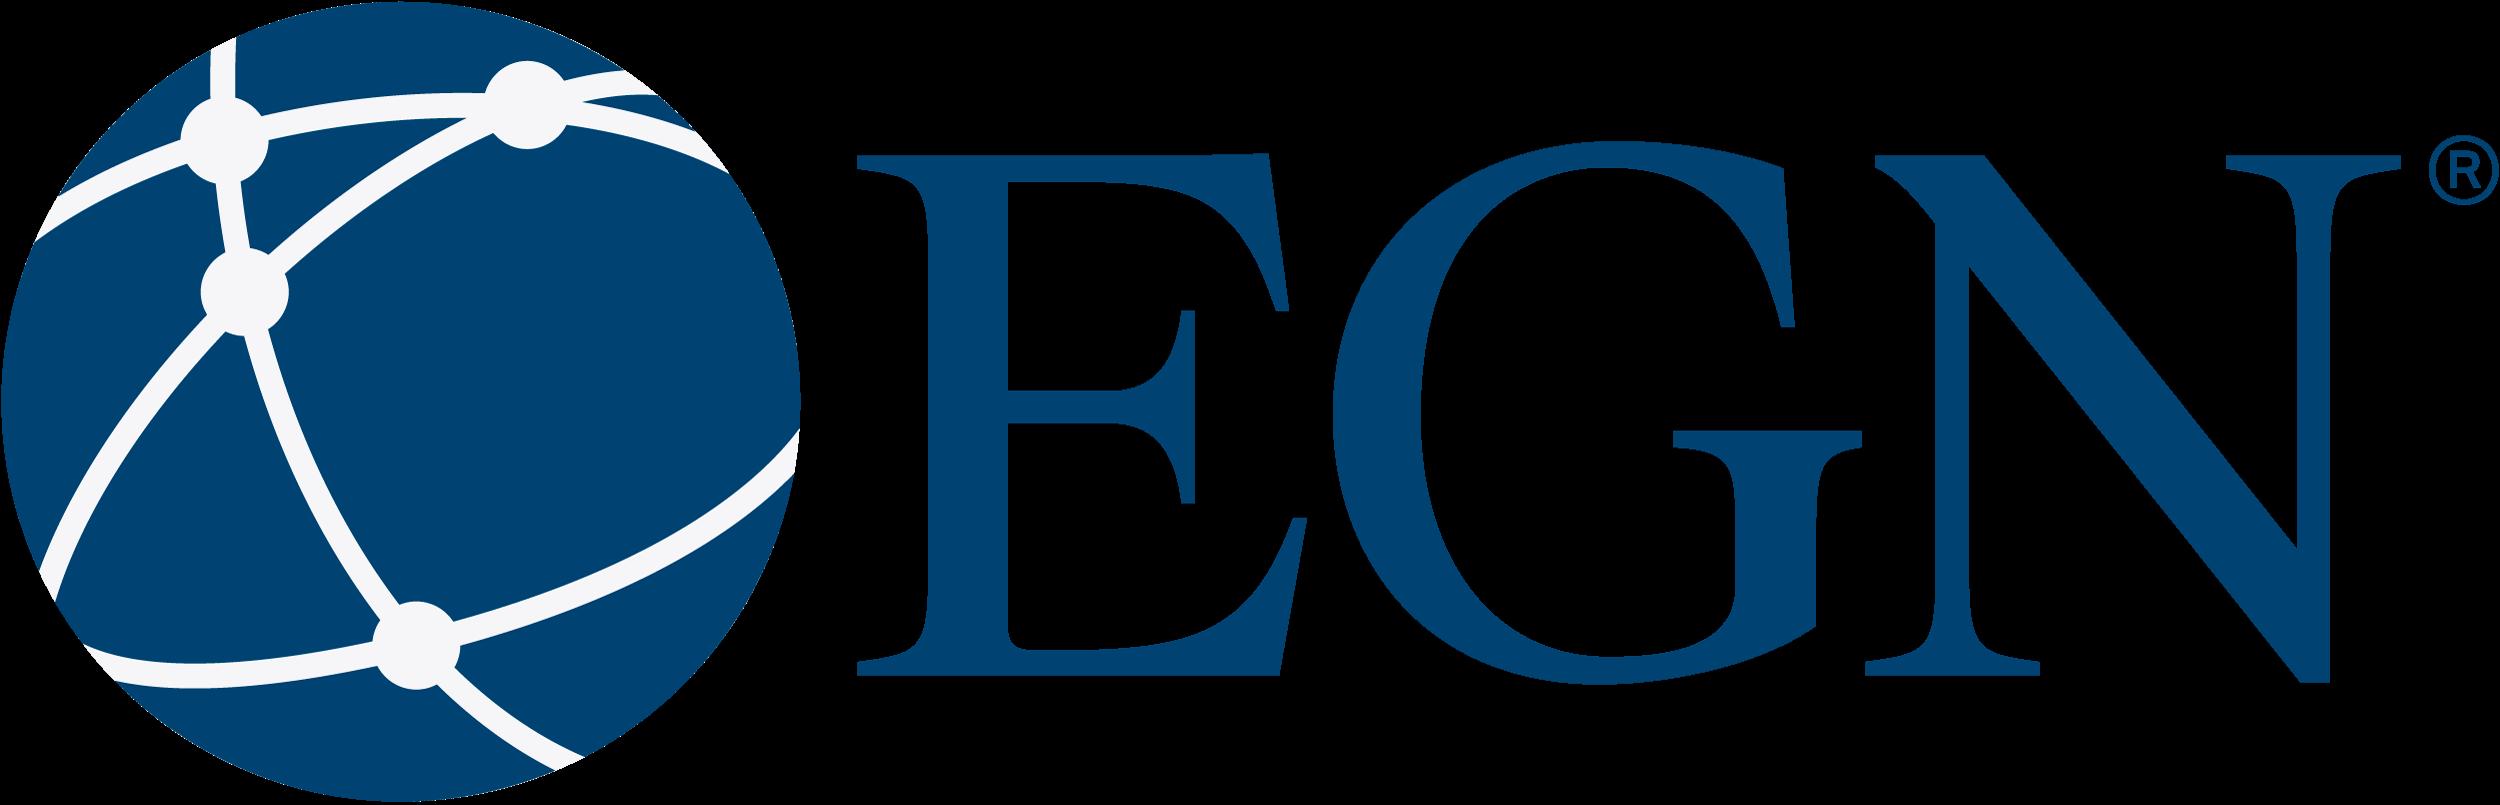 EGN Sverige söker Säljare/Nätverksrådgivare! logotyp